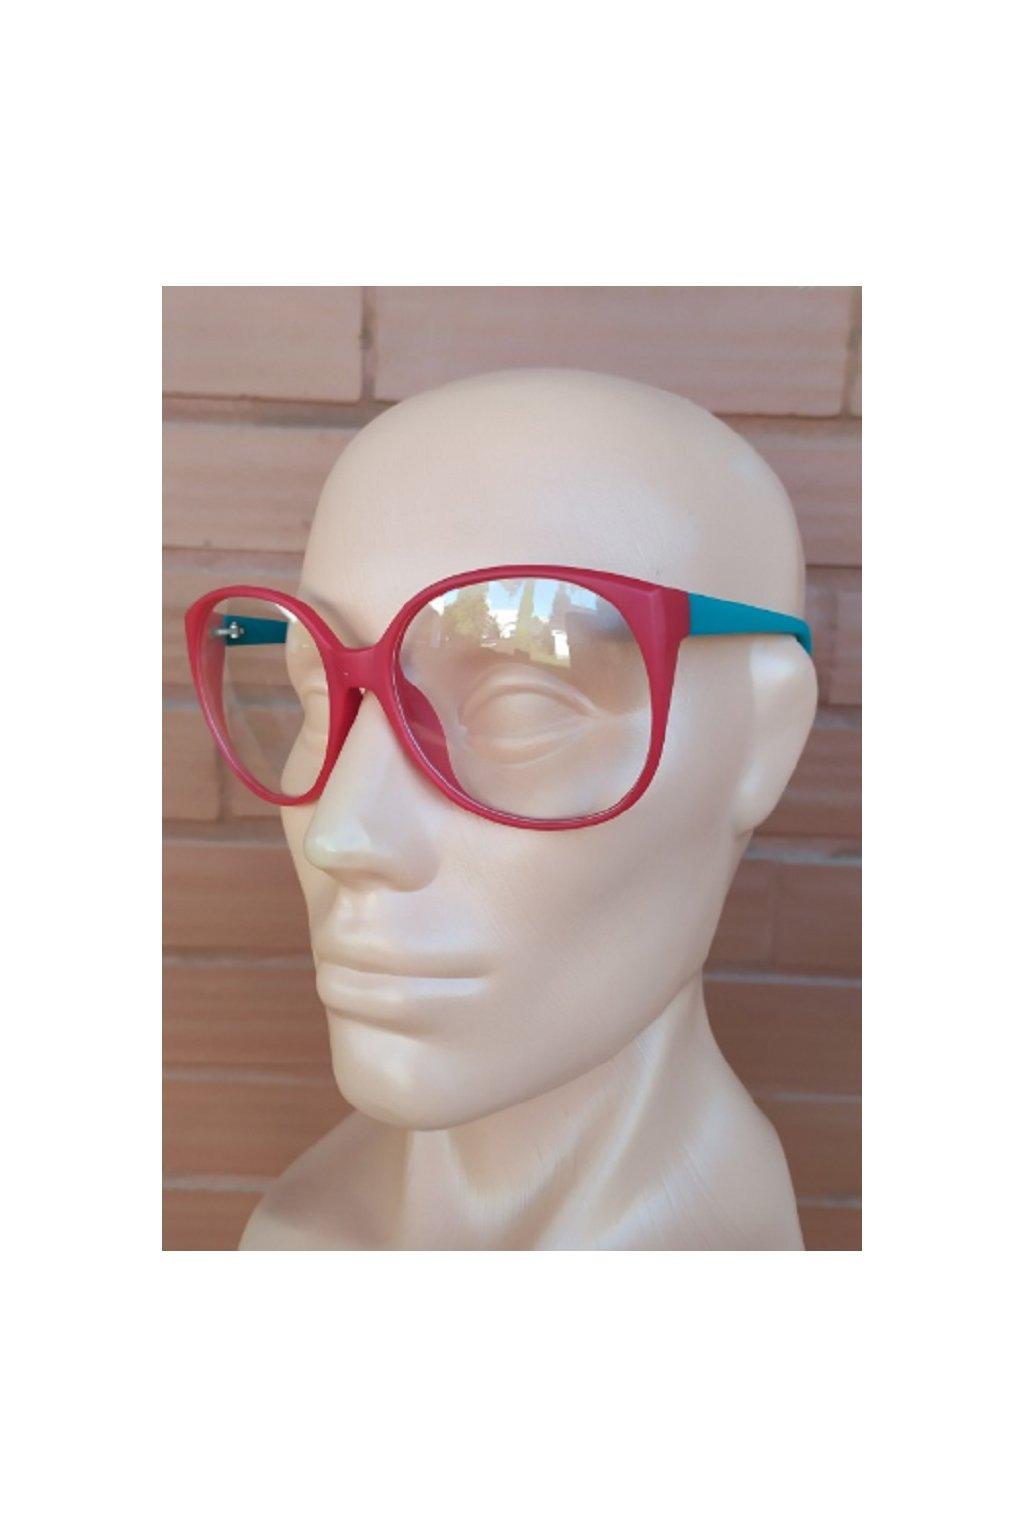 Dámské sluneční brýle Cool Red Blue obr1